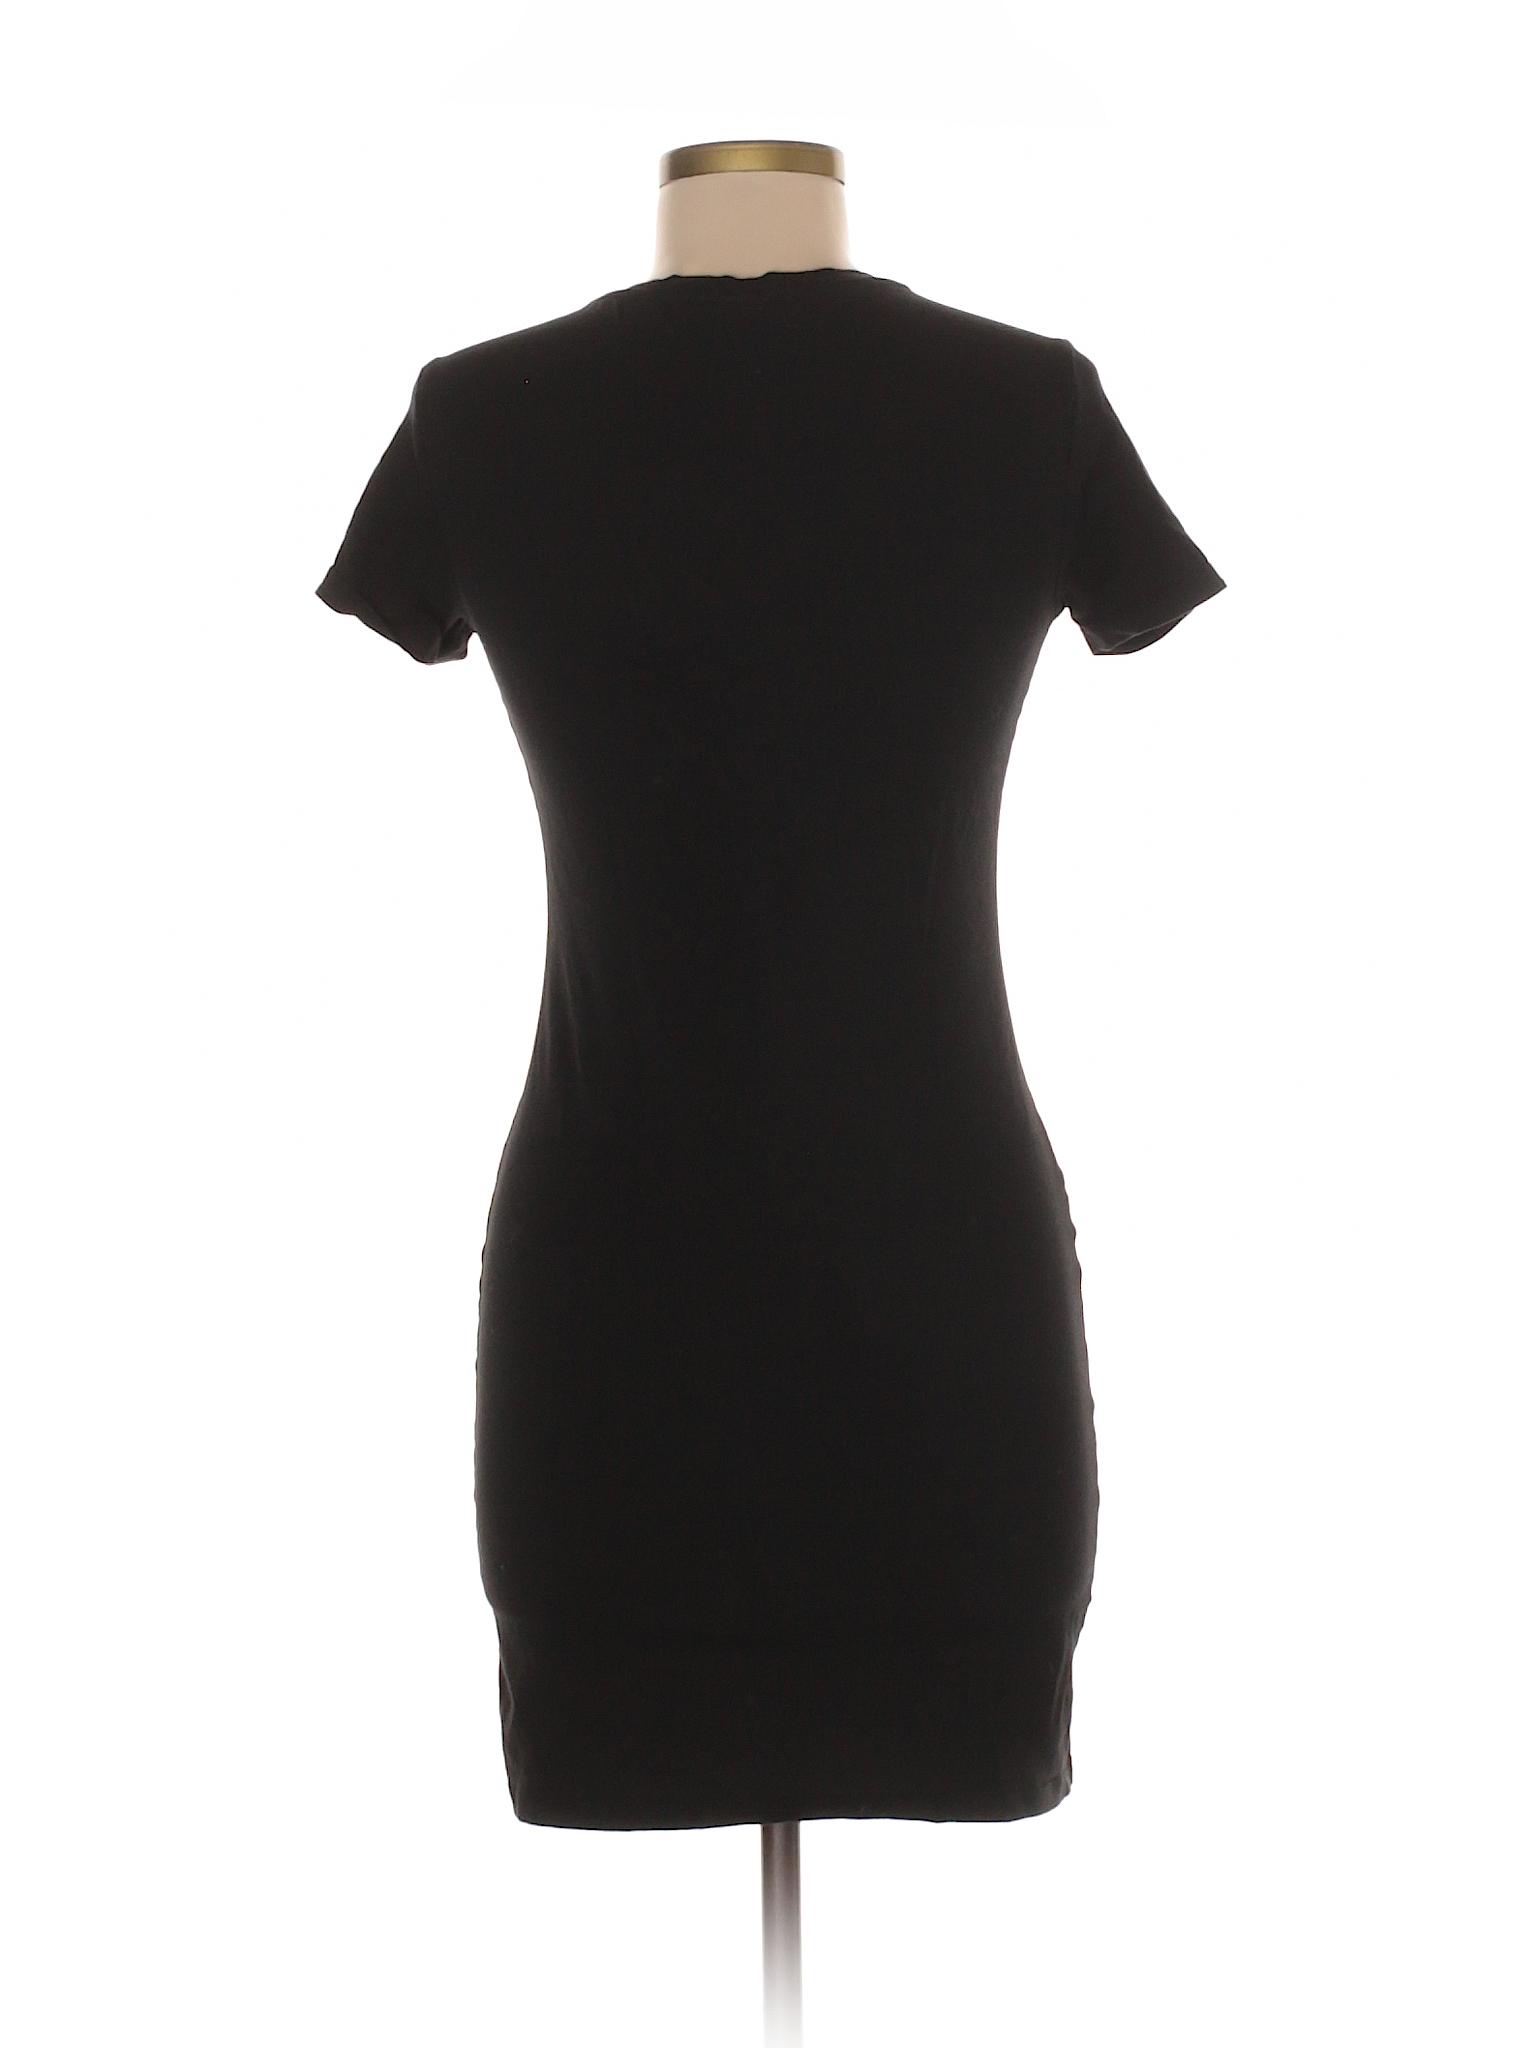 Dress Boutique Casual H amp;m Winter wHHIq8xPr